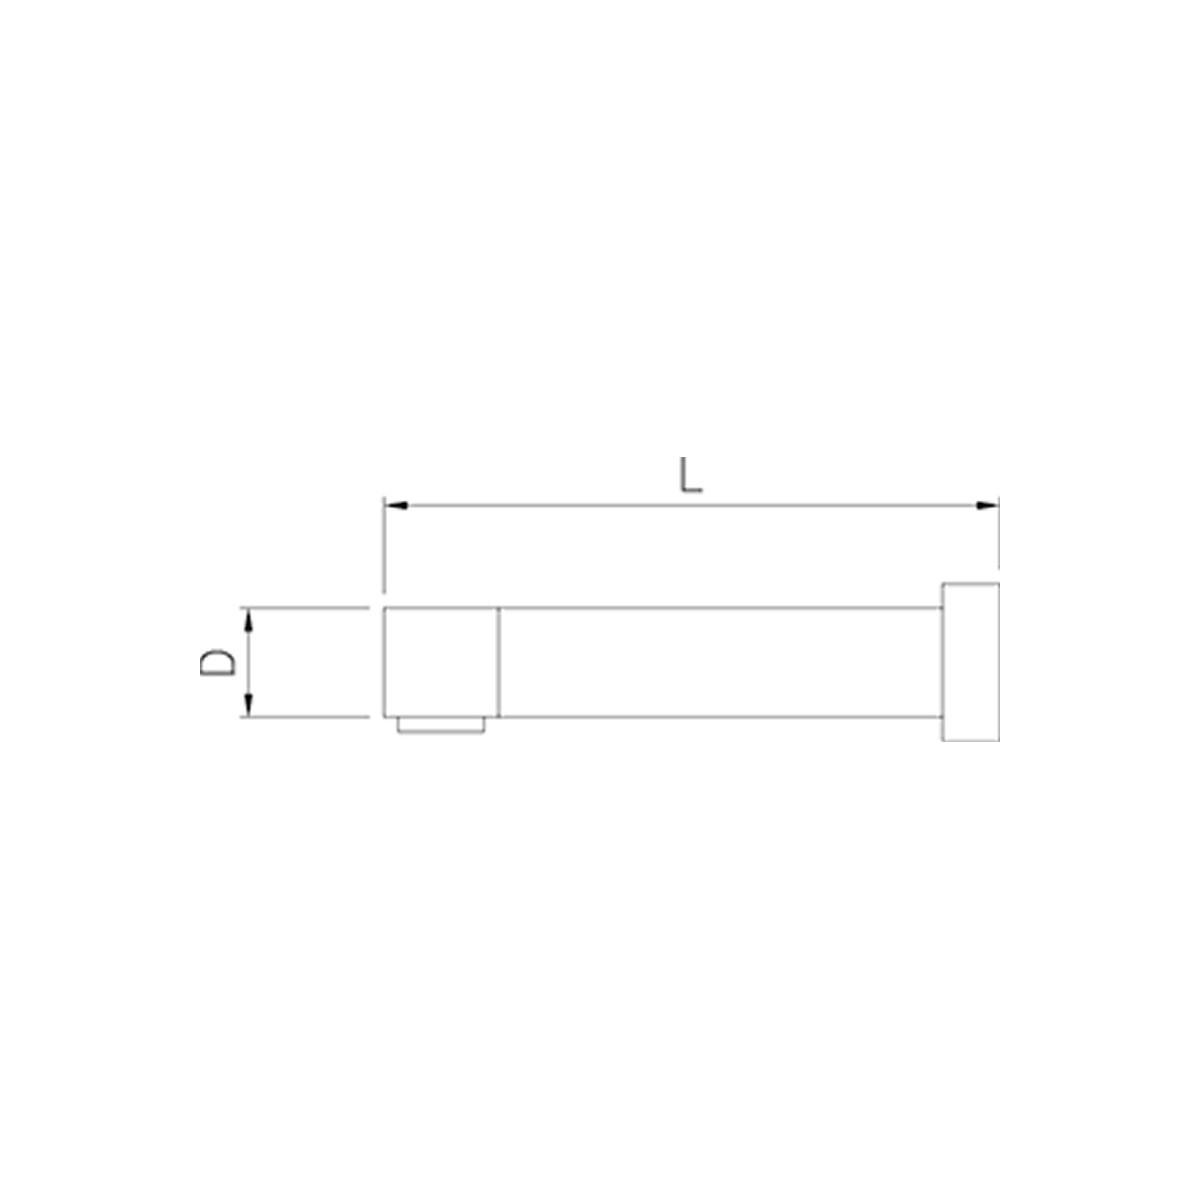 Grifo electr nico de pared para lavamanos o fregaderos 06 for Grifo pared